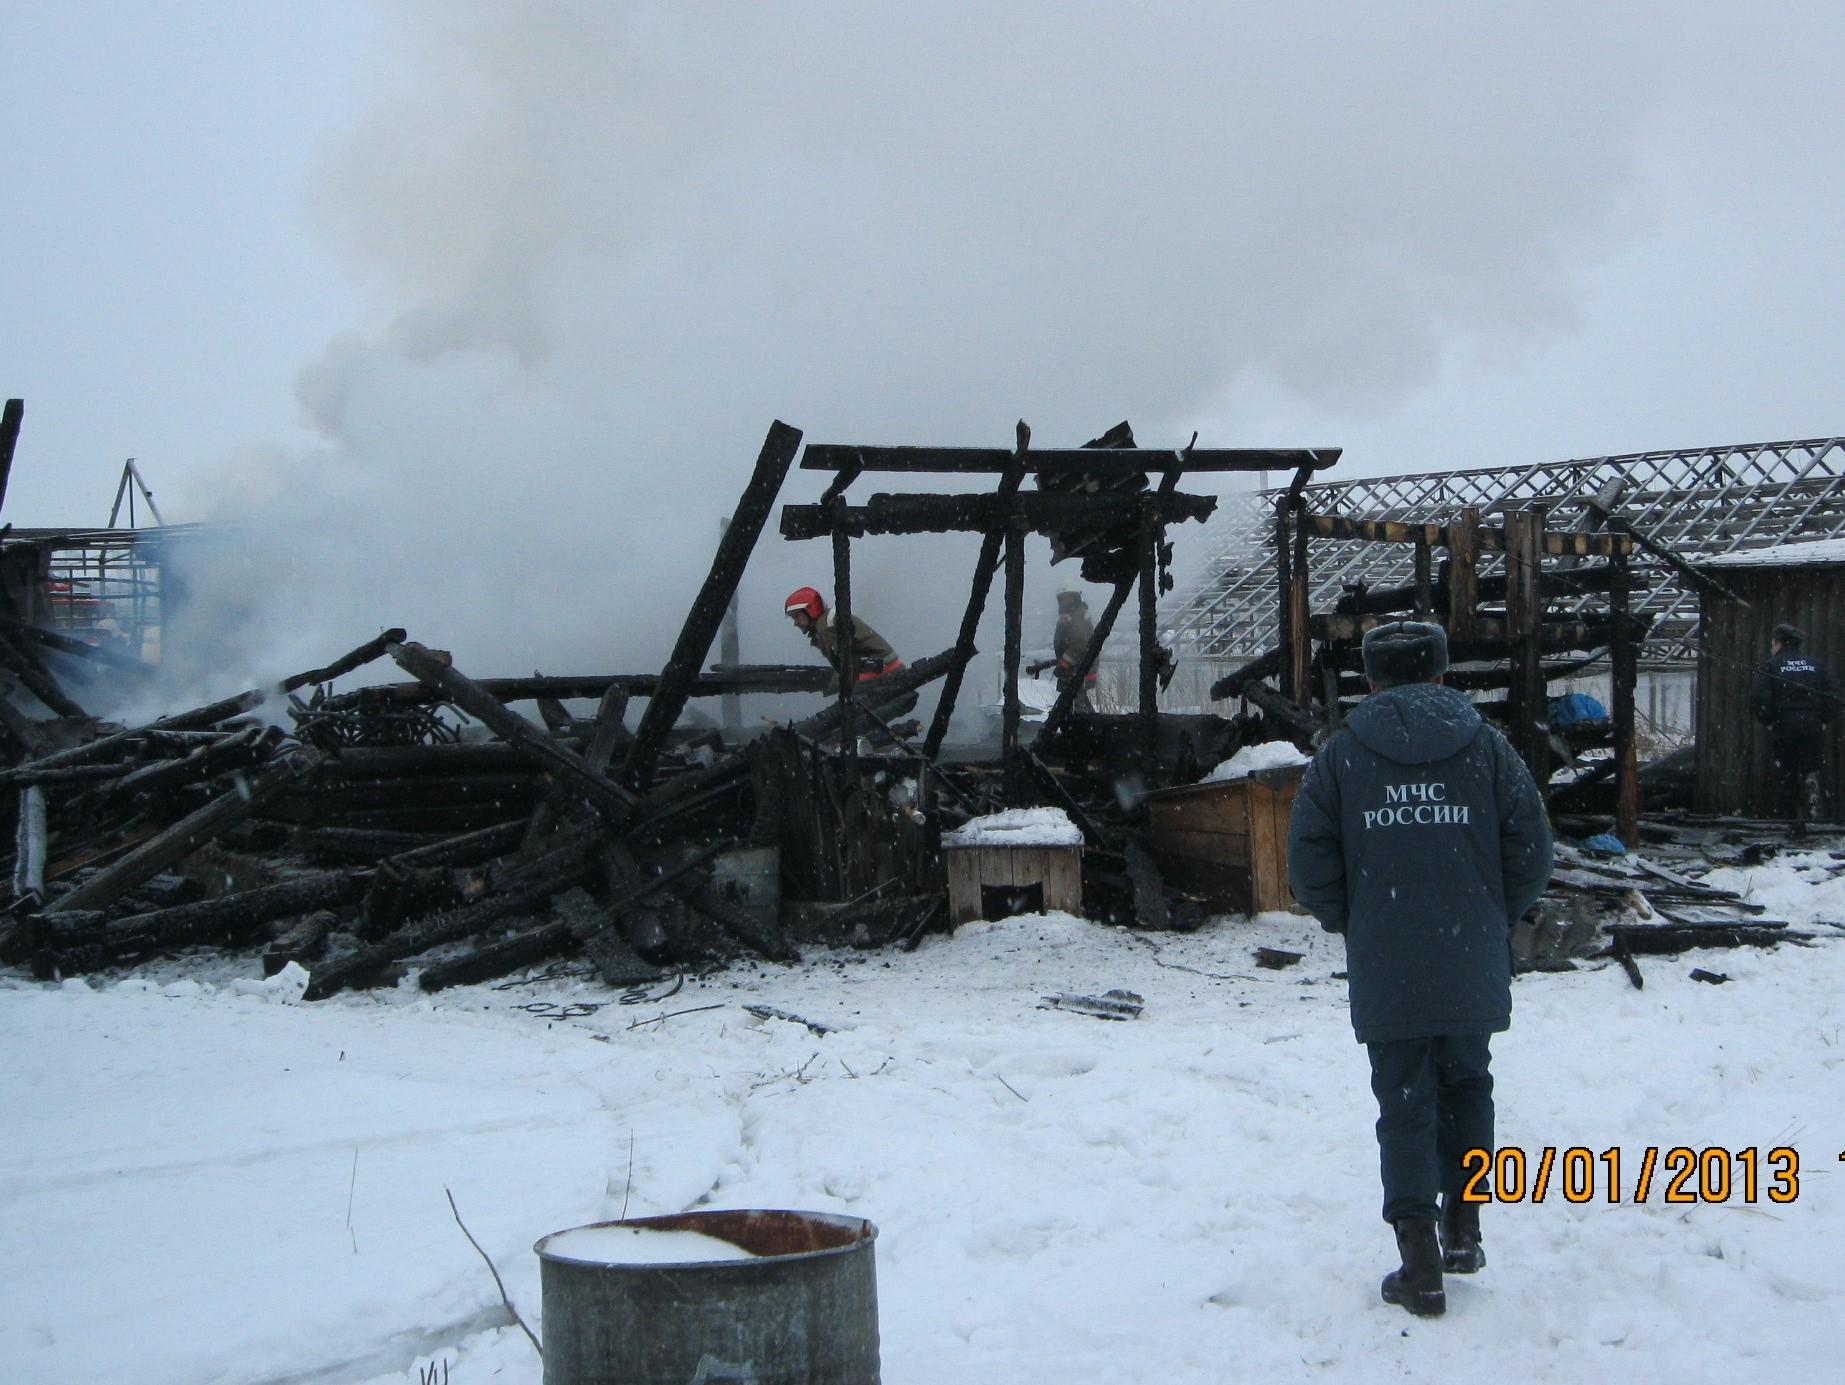 Виновник гибели восьми рабочих на пожаре в поселке Садовый отправился в колонию